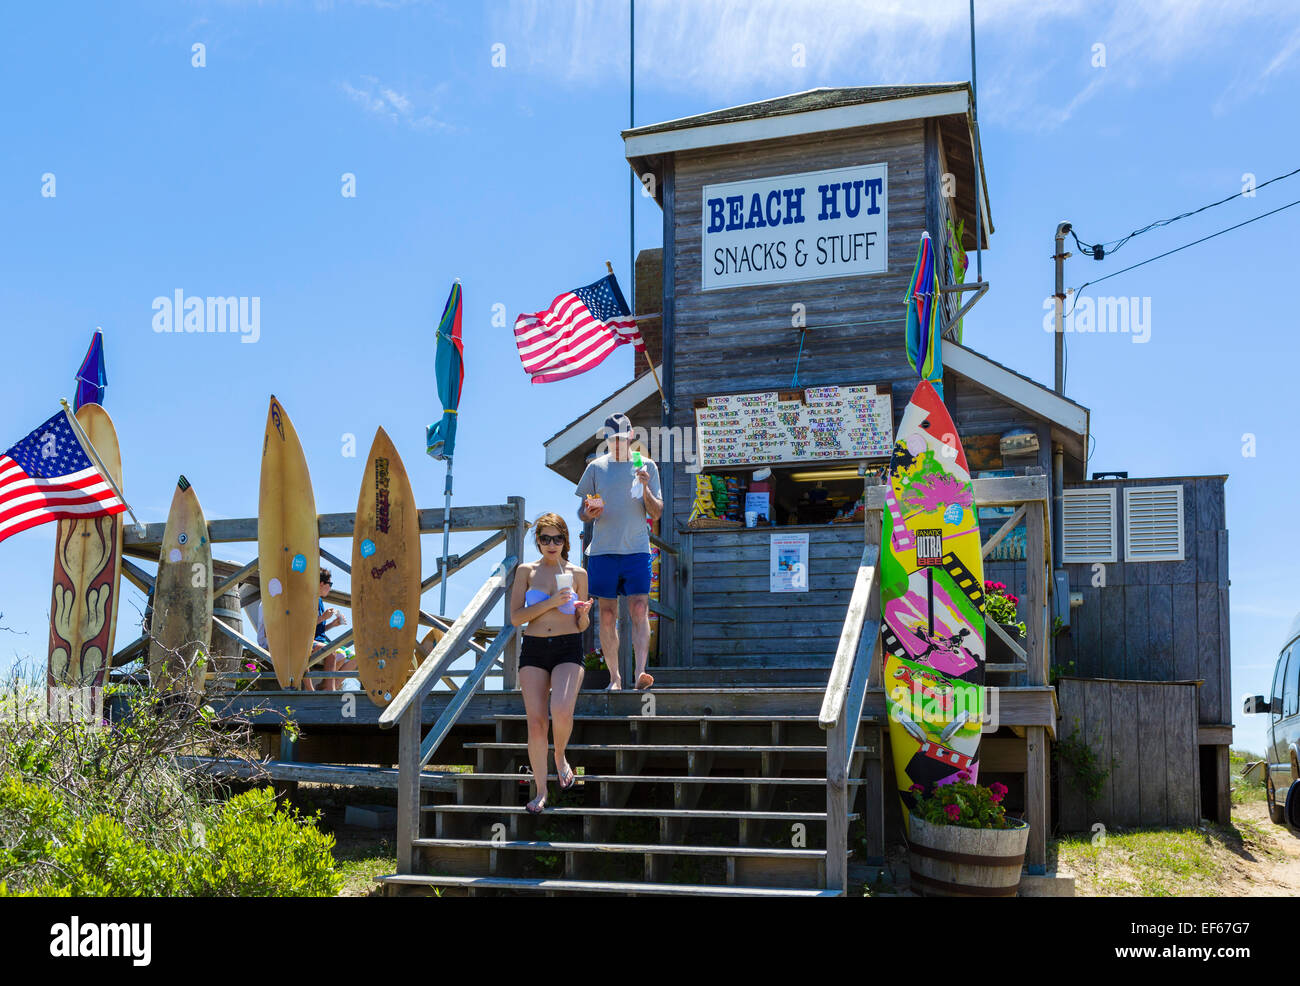 snak-beach-photos